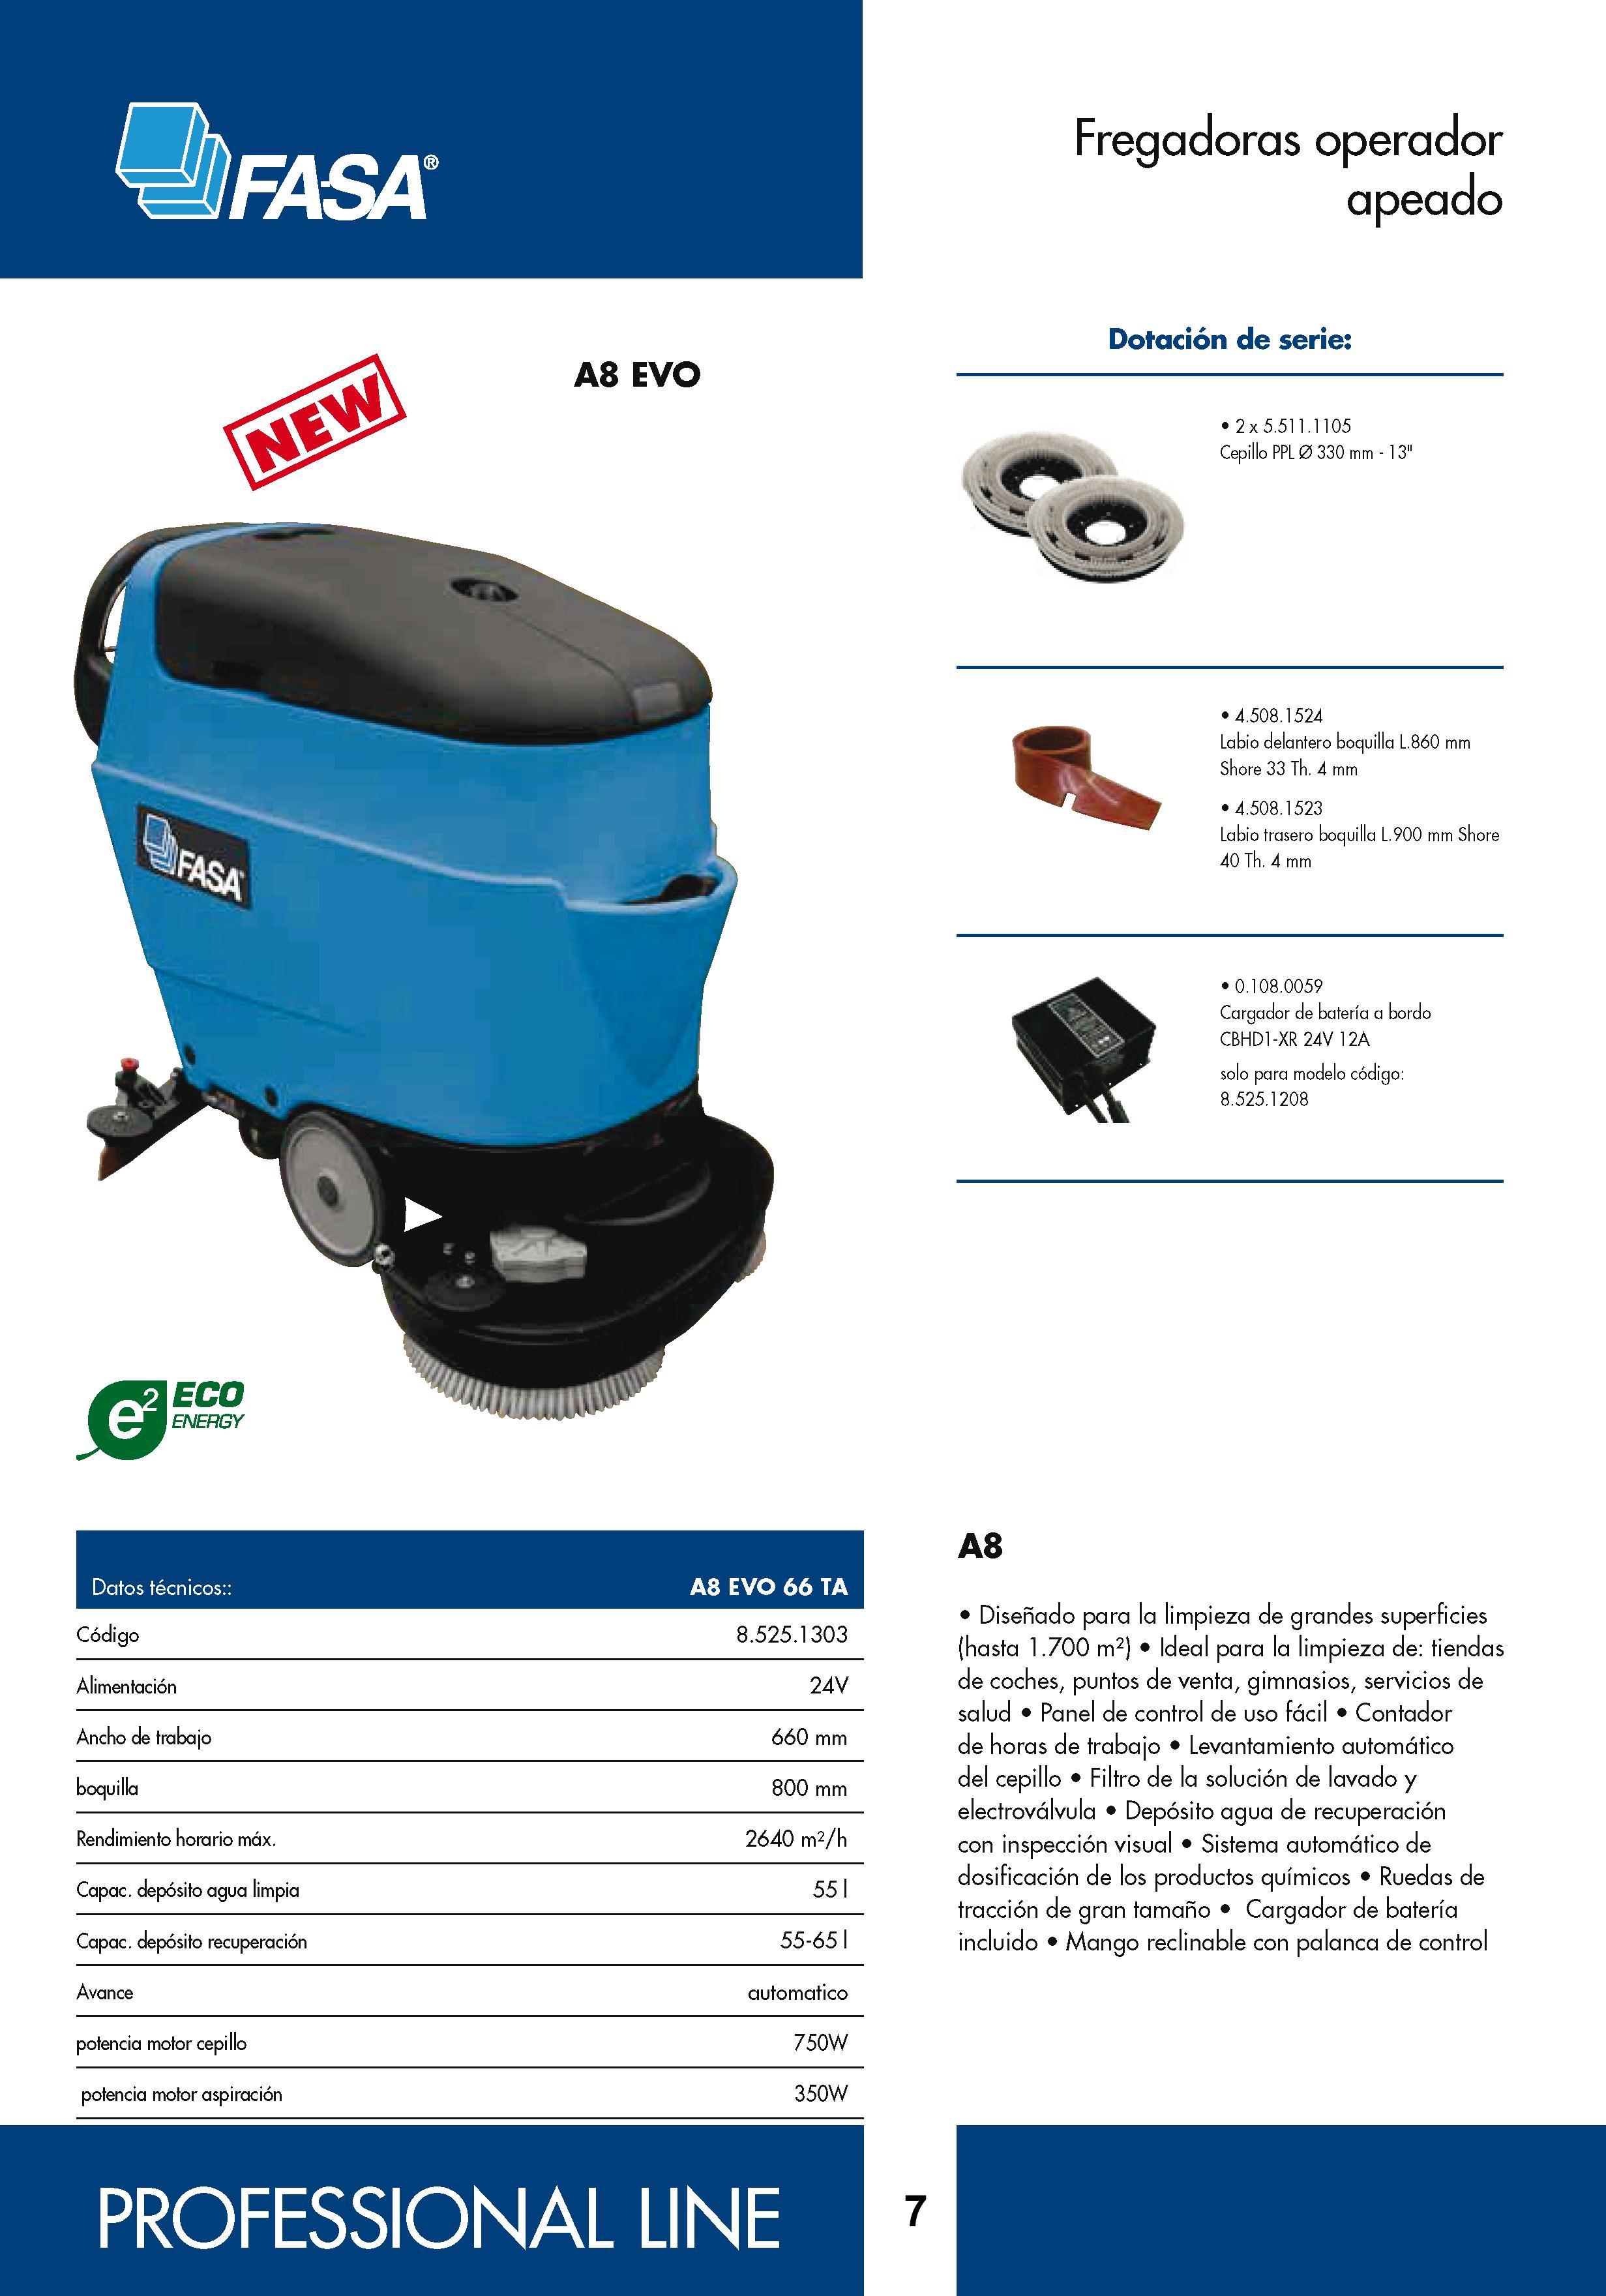 Catalogo características fregadora A8 Evo 66